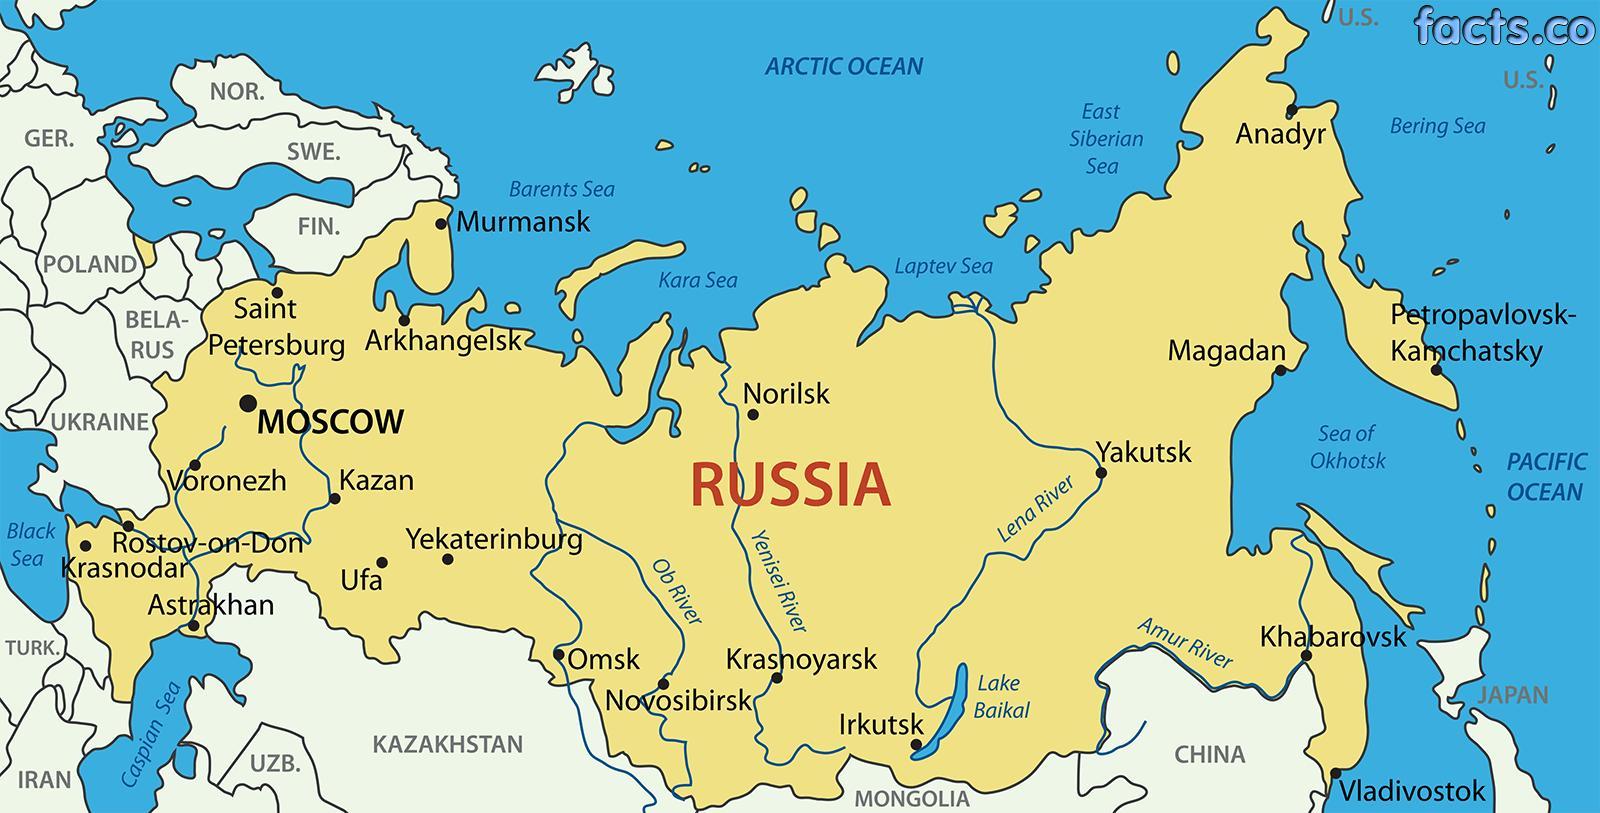 Karte Von Europa Mit Städten.Karte Russlands Städte Städte Der Russland Karte Osteuropa Europa